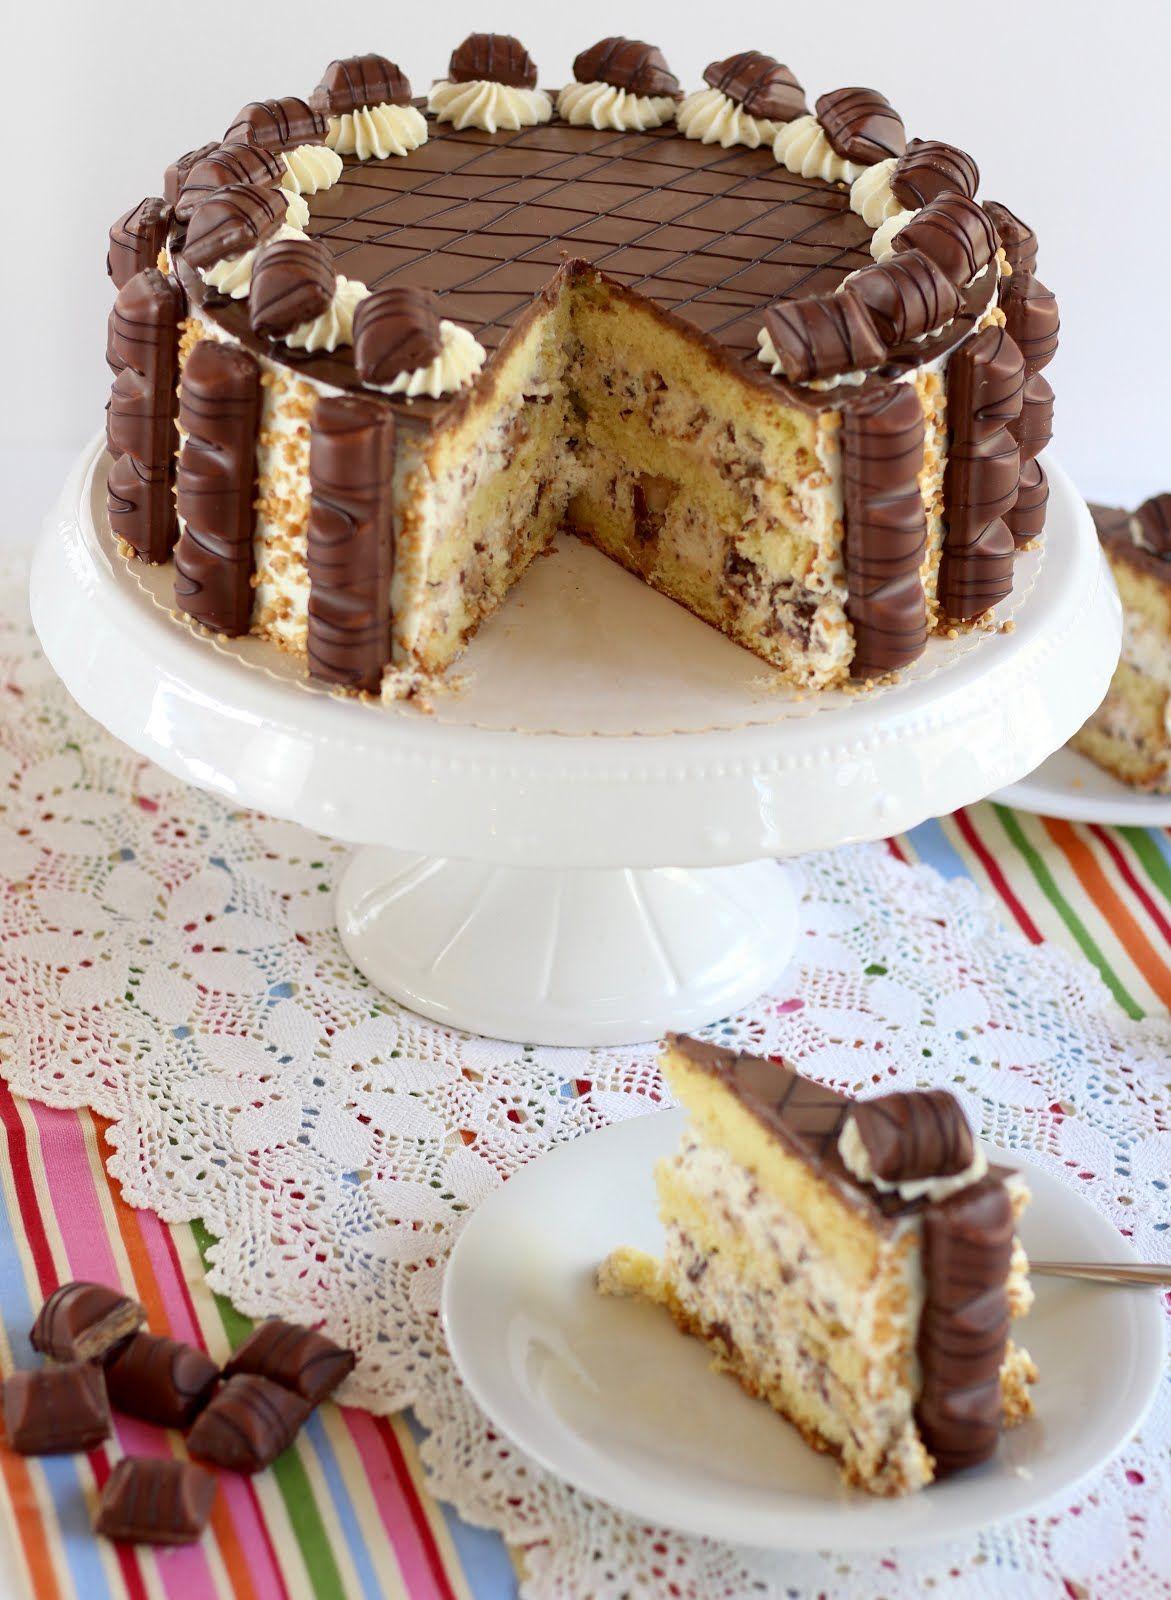 Kinder Bueno Torte - der absolute Knaller für Haselnuss-Lover und Schoko-Freaks   Rezept und Video #tortenrezepte